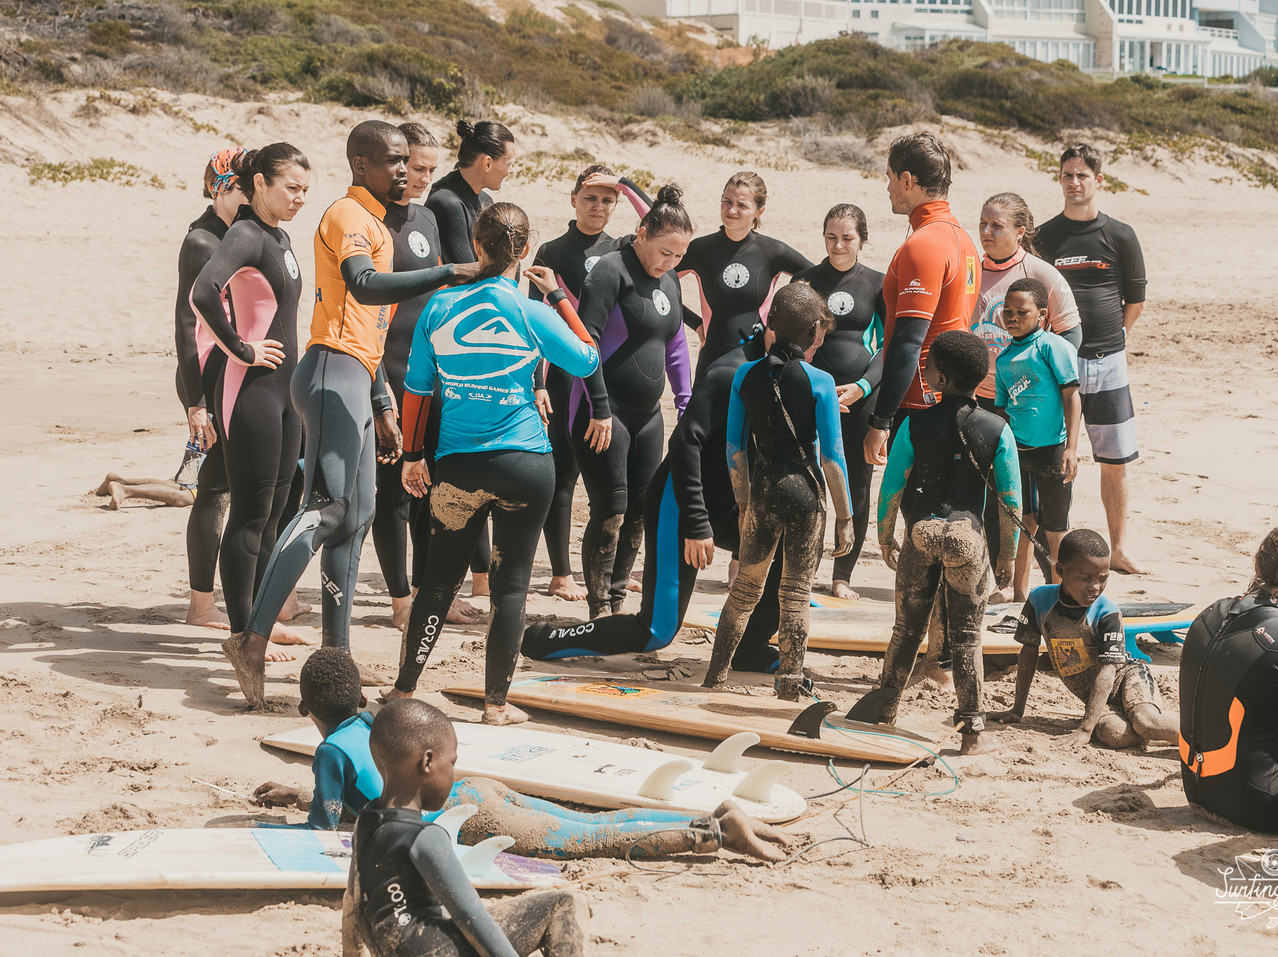 Волонтеры благотворительность Серф трип Дорога Садов ЮАР Unravel Surf Travel